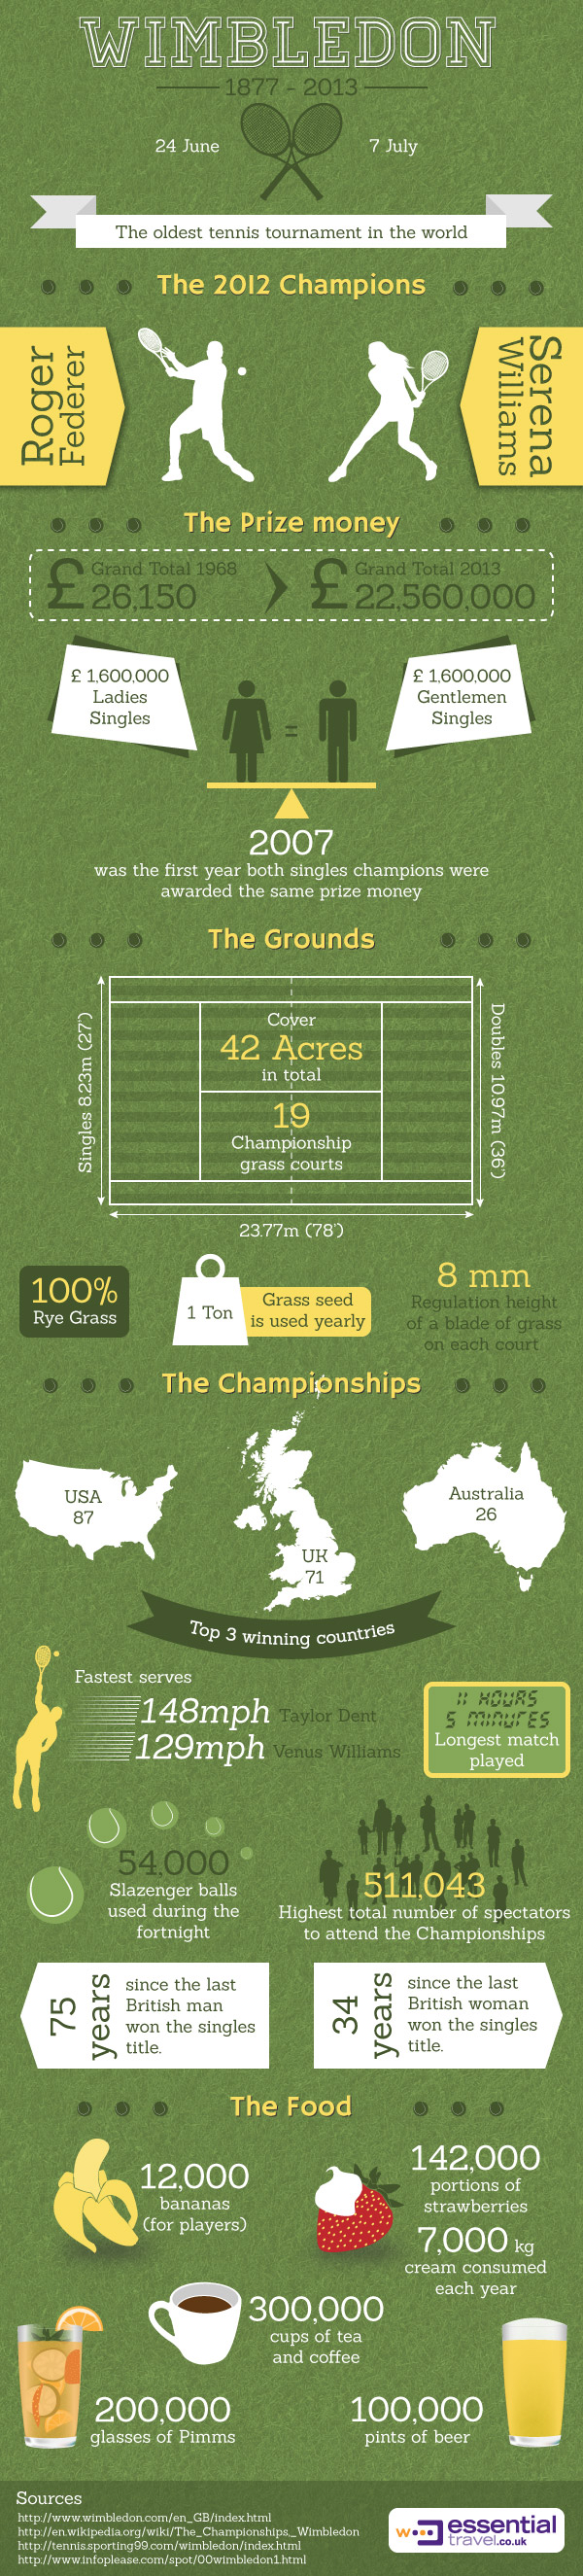 2013 Wimbledon Championships